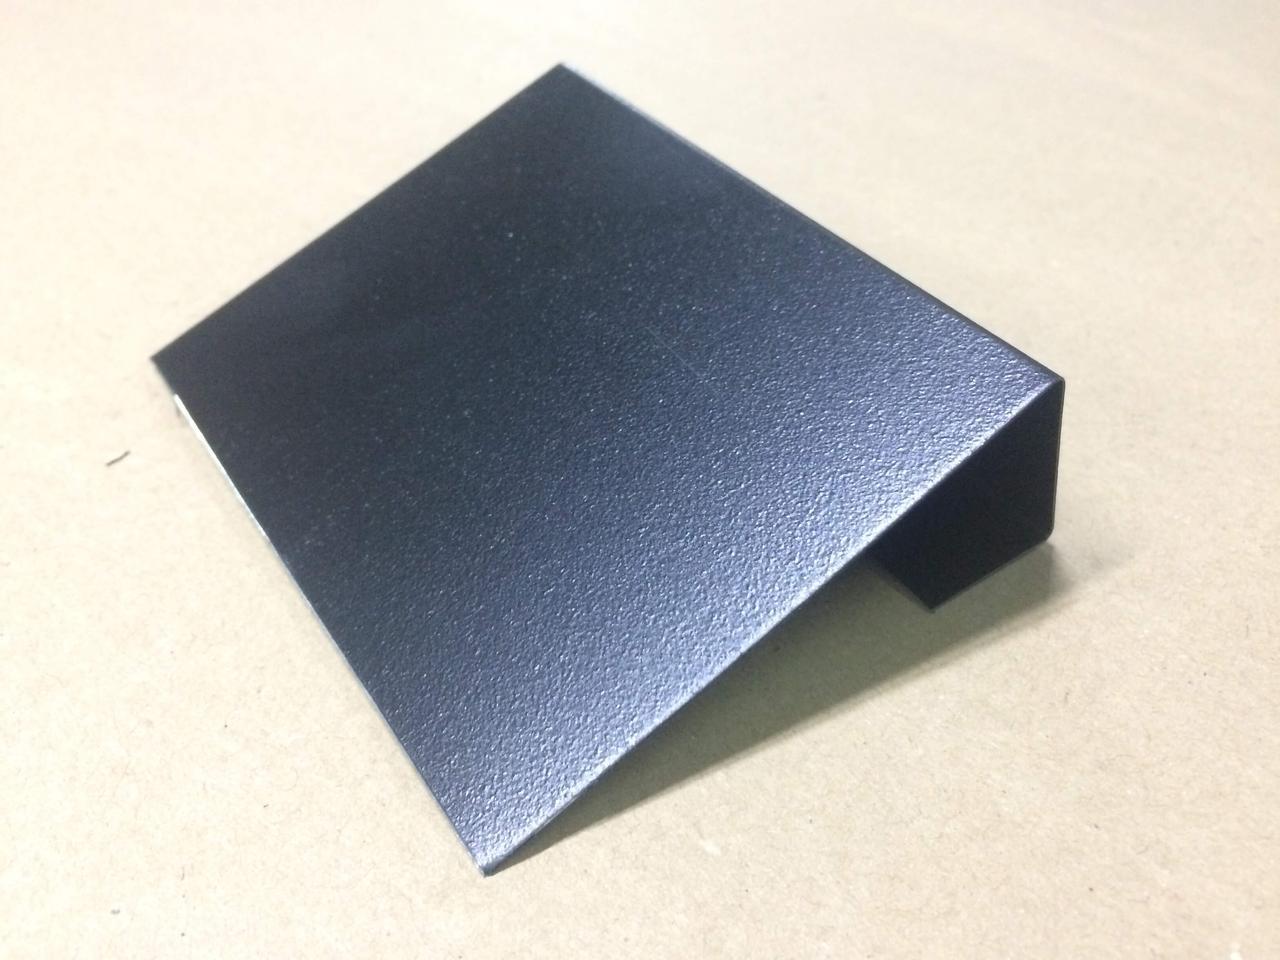 Цінники крейдяні 5х7 см з підставкою (комплект 100 шт) для написів крейдою і маркером грифельні. Крейдові